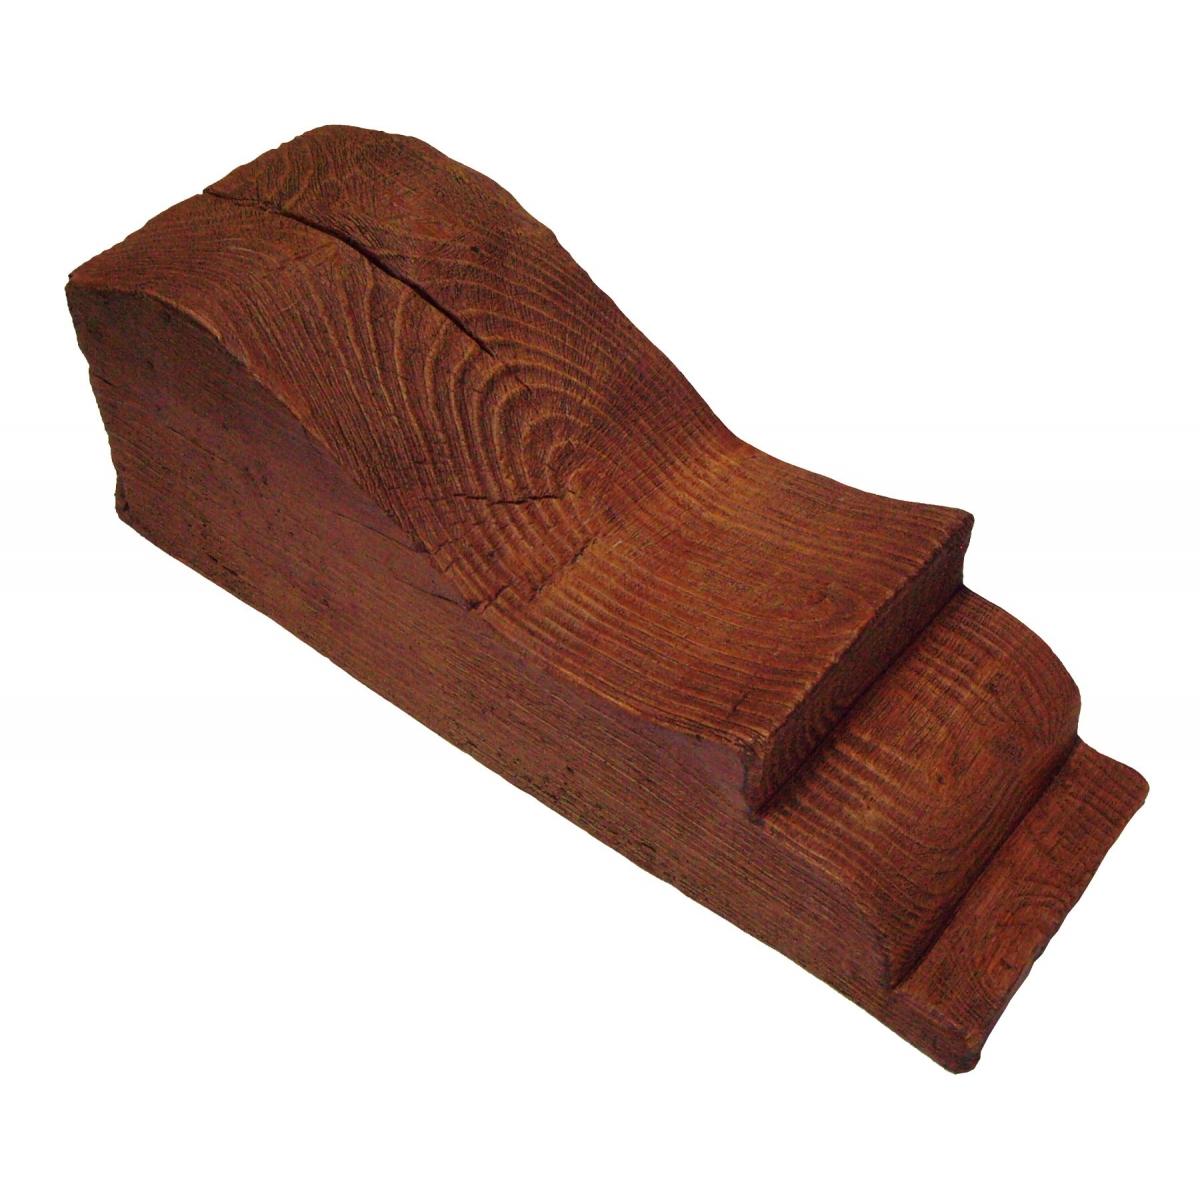 Ménsula MN50 - Ménsulas imitación madera de poliuretano - Marca Grupo Unamacor